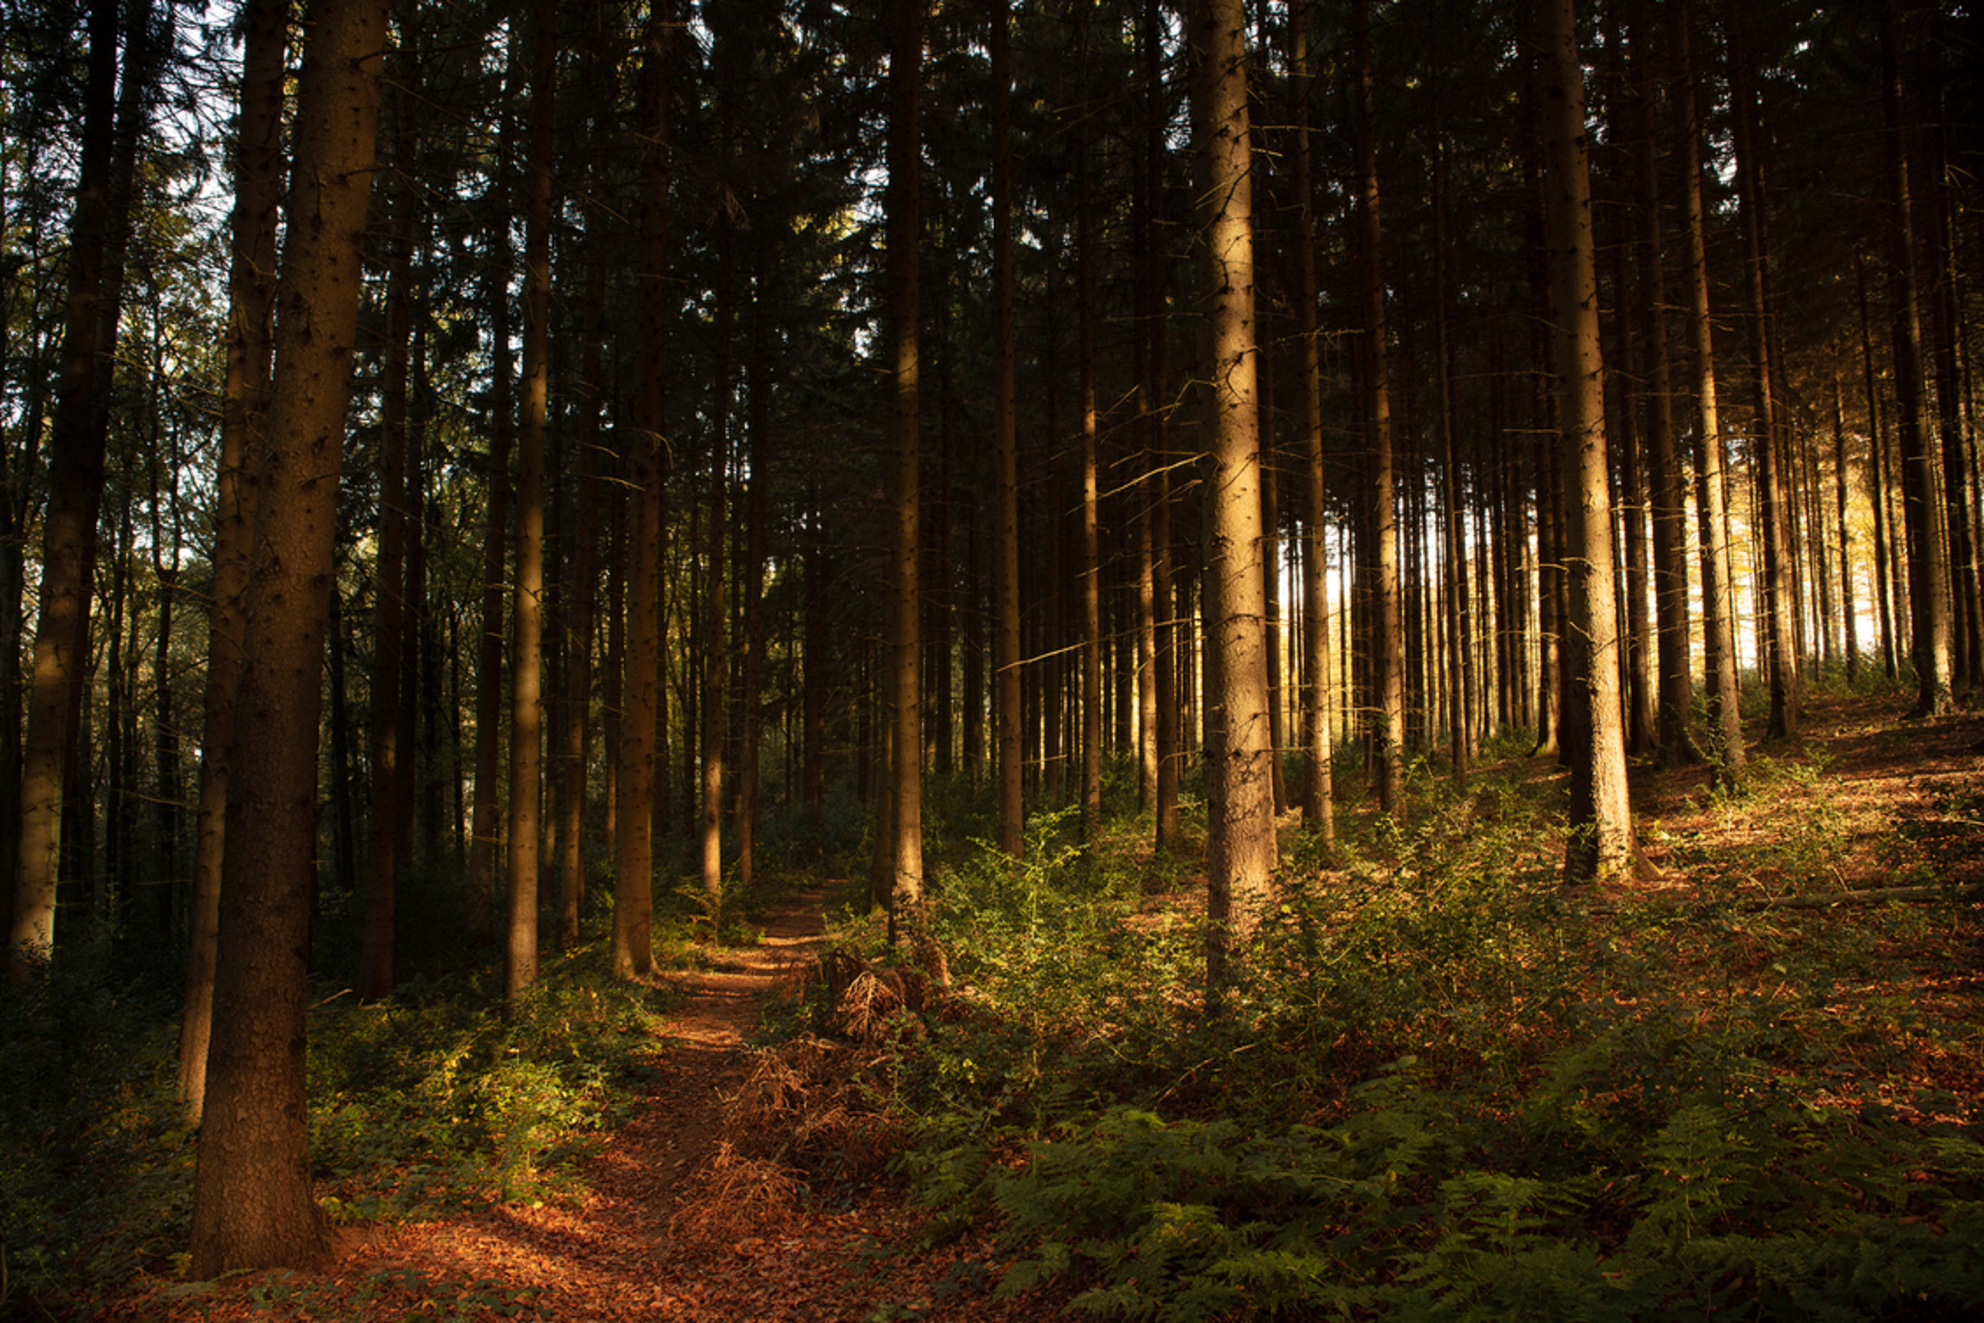 VIJLENERBOS2 - Vijlenerbos Zuid-Limburg - foto door TonGeers op 16-11-2020 - deze foto bevat: natuur, licht, herfst, bos, bomen, limburg, vijlenerbos - Deze foto mag gebruikt worden in een Zoom.nl publicatie